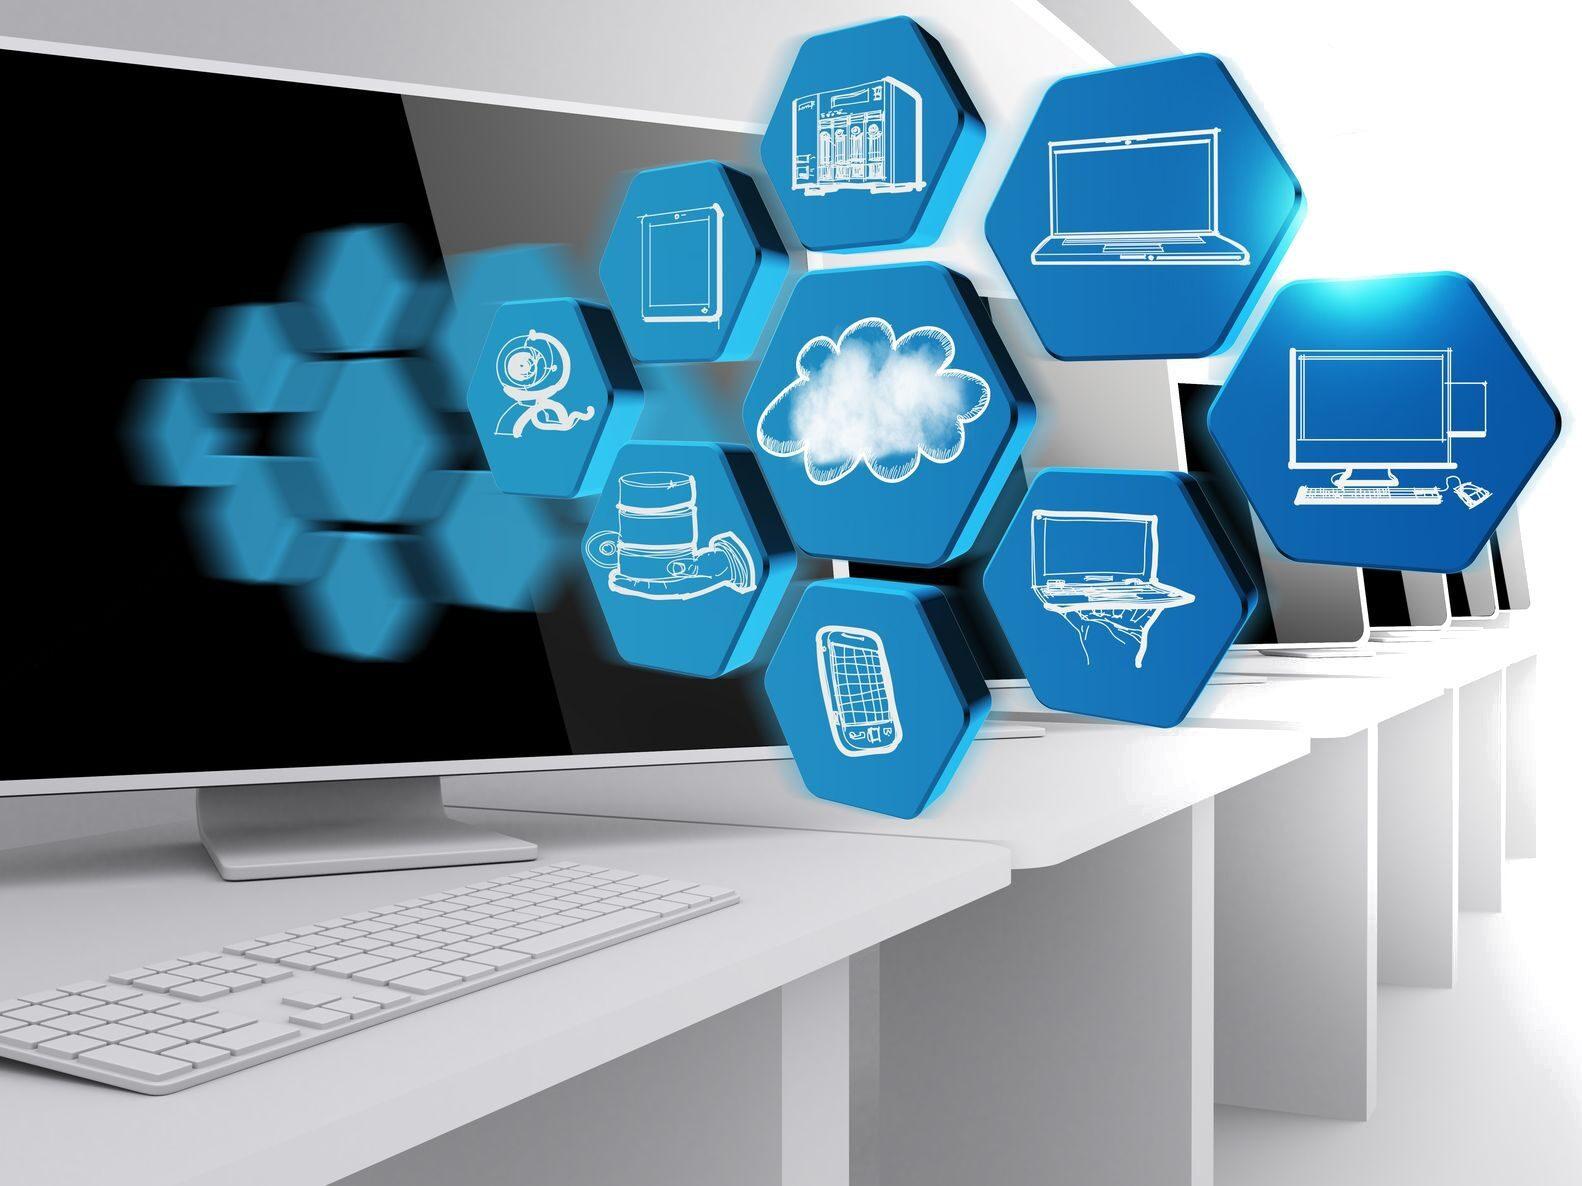 virtualizacion-de-servidores NTYT PERU